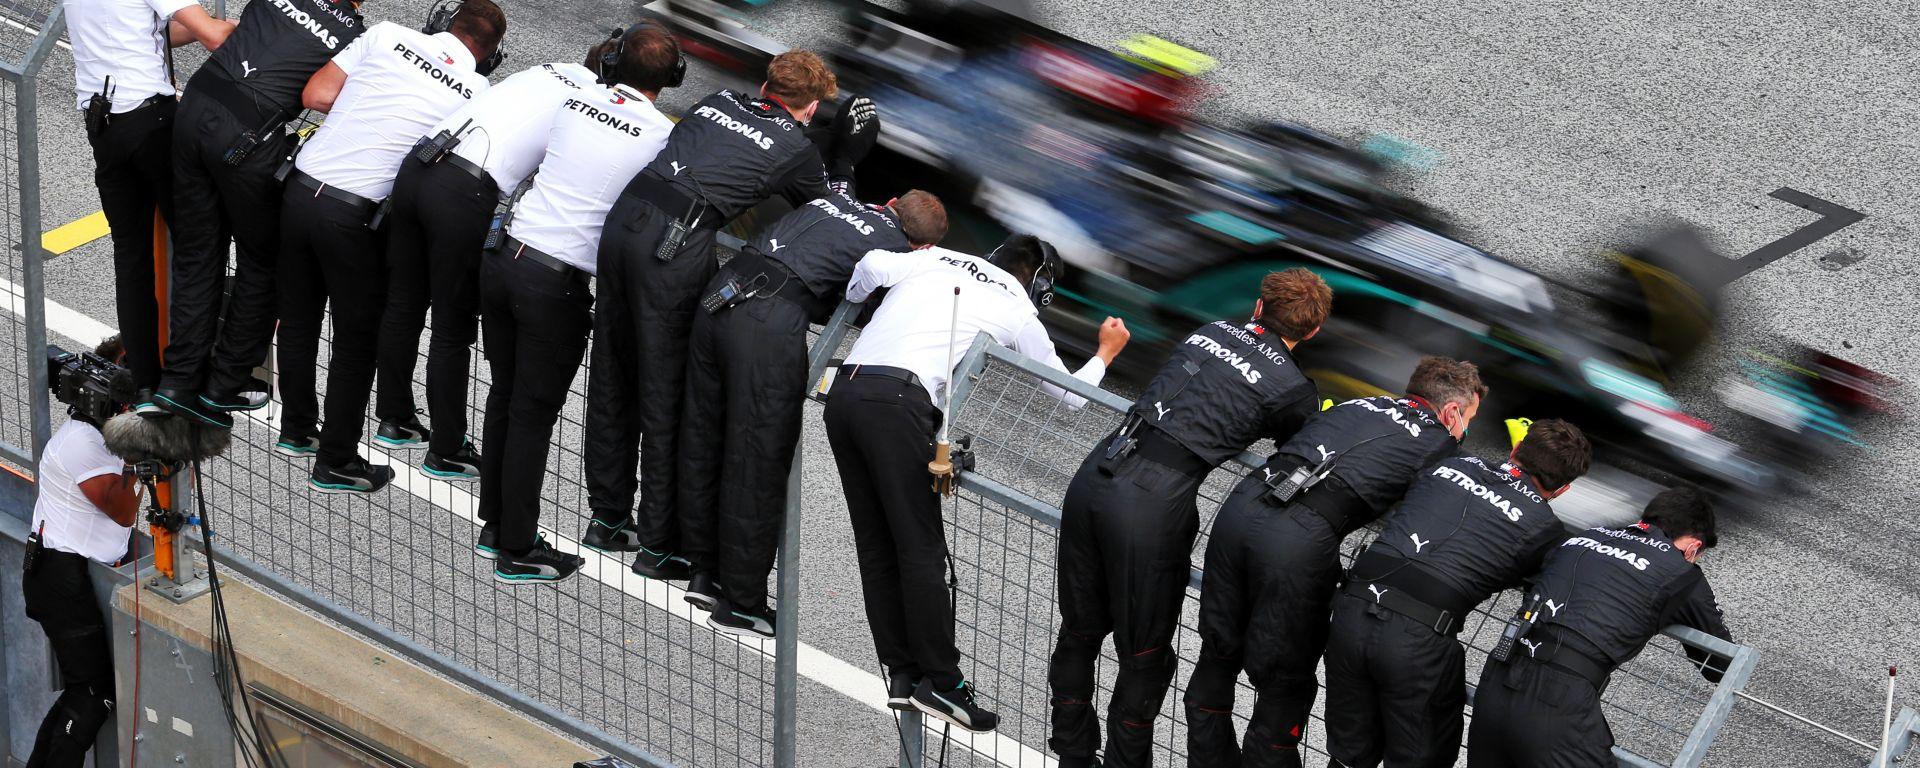 F1 GP Stiria 2020, Spielberg: il team Mercedes festeggia la doppietta Hamilton-Bottas